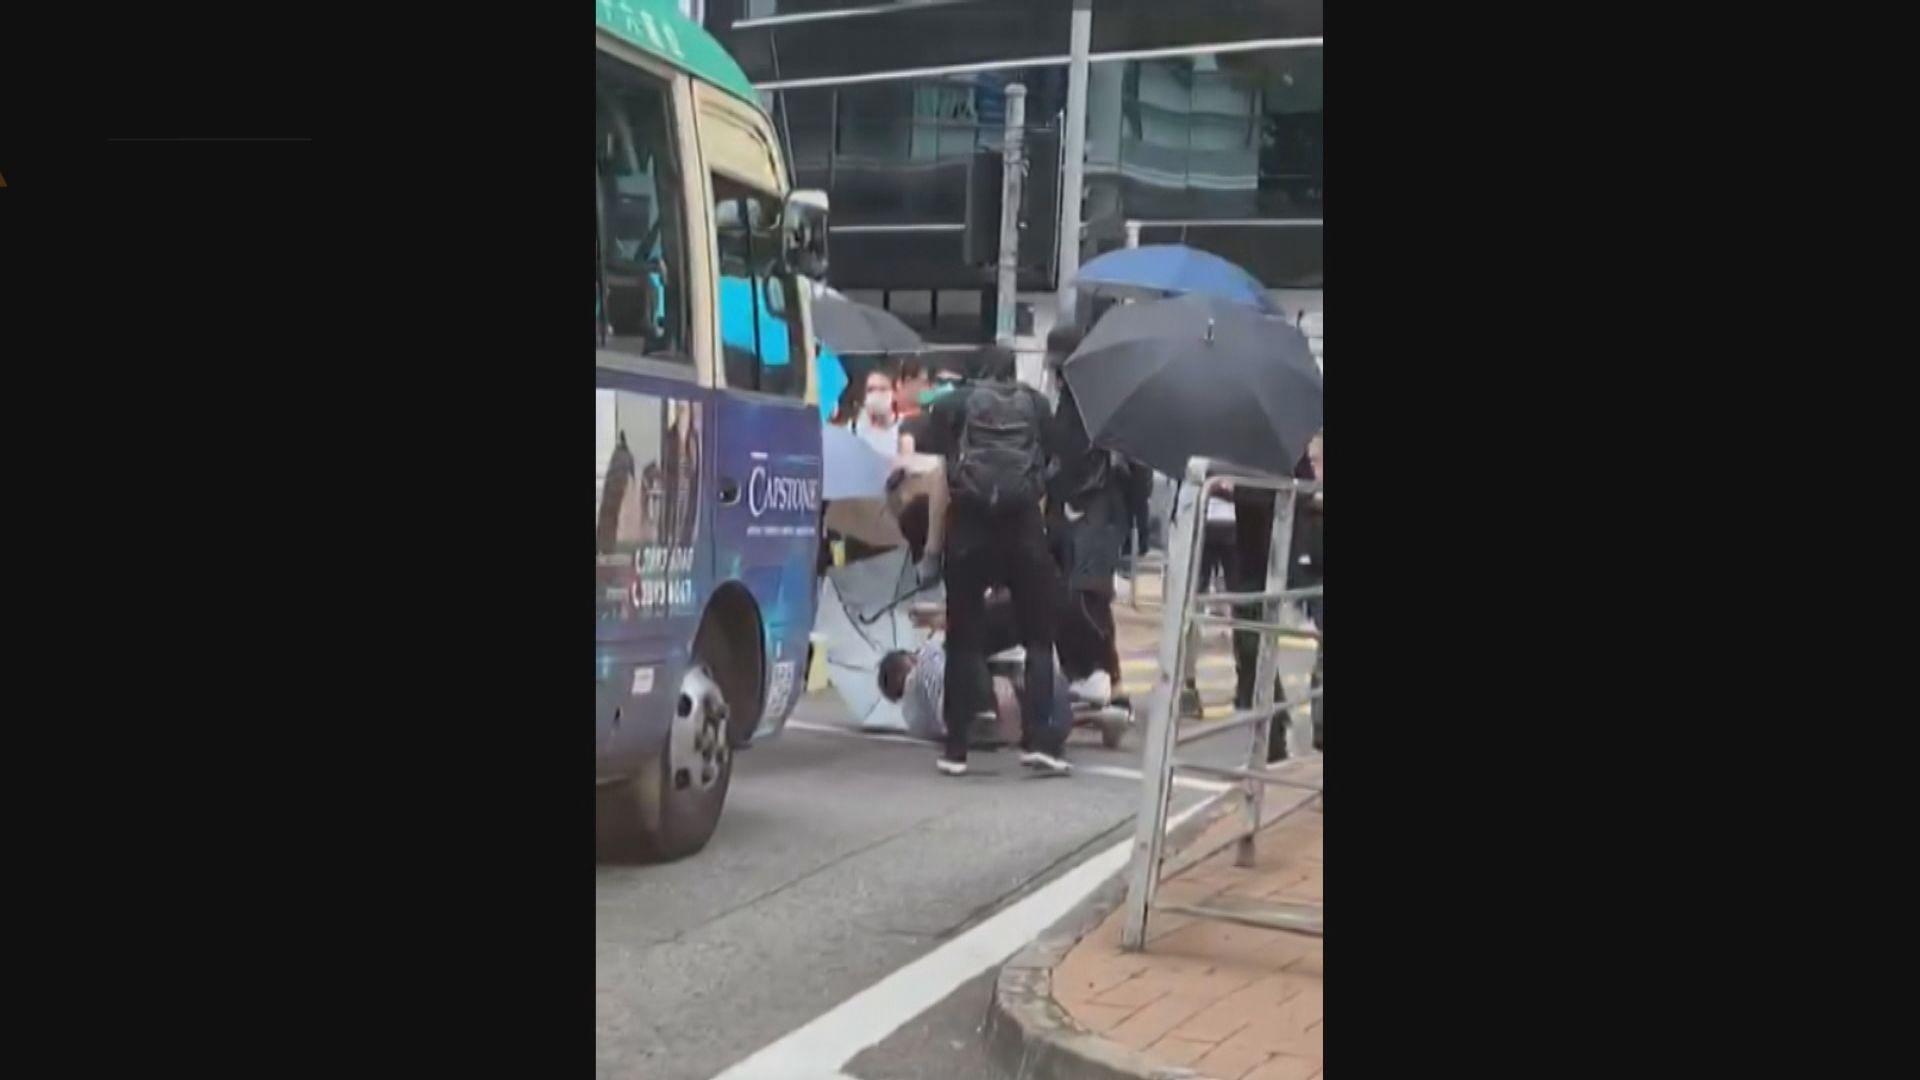 律師會稱該會一名會員銅鑼灣被襲 對事件感痛心及憤怒